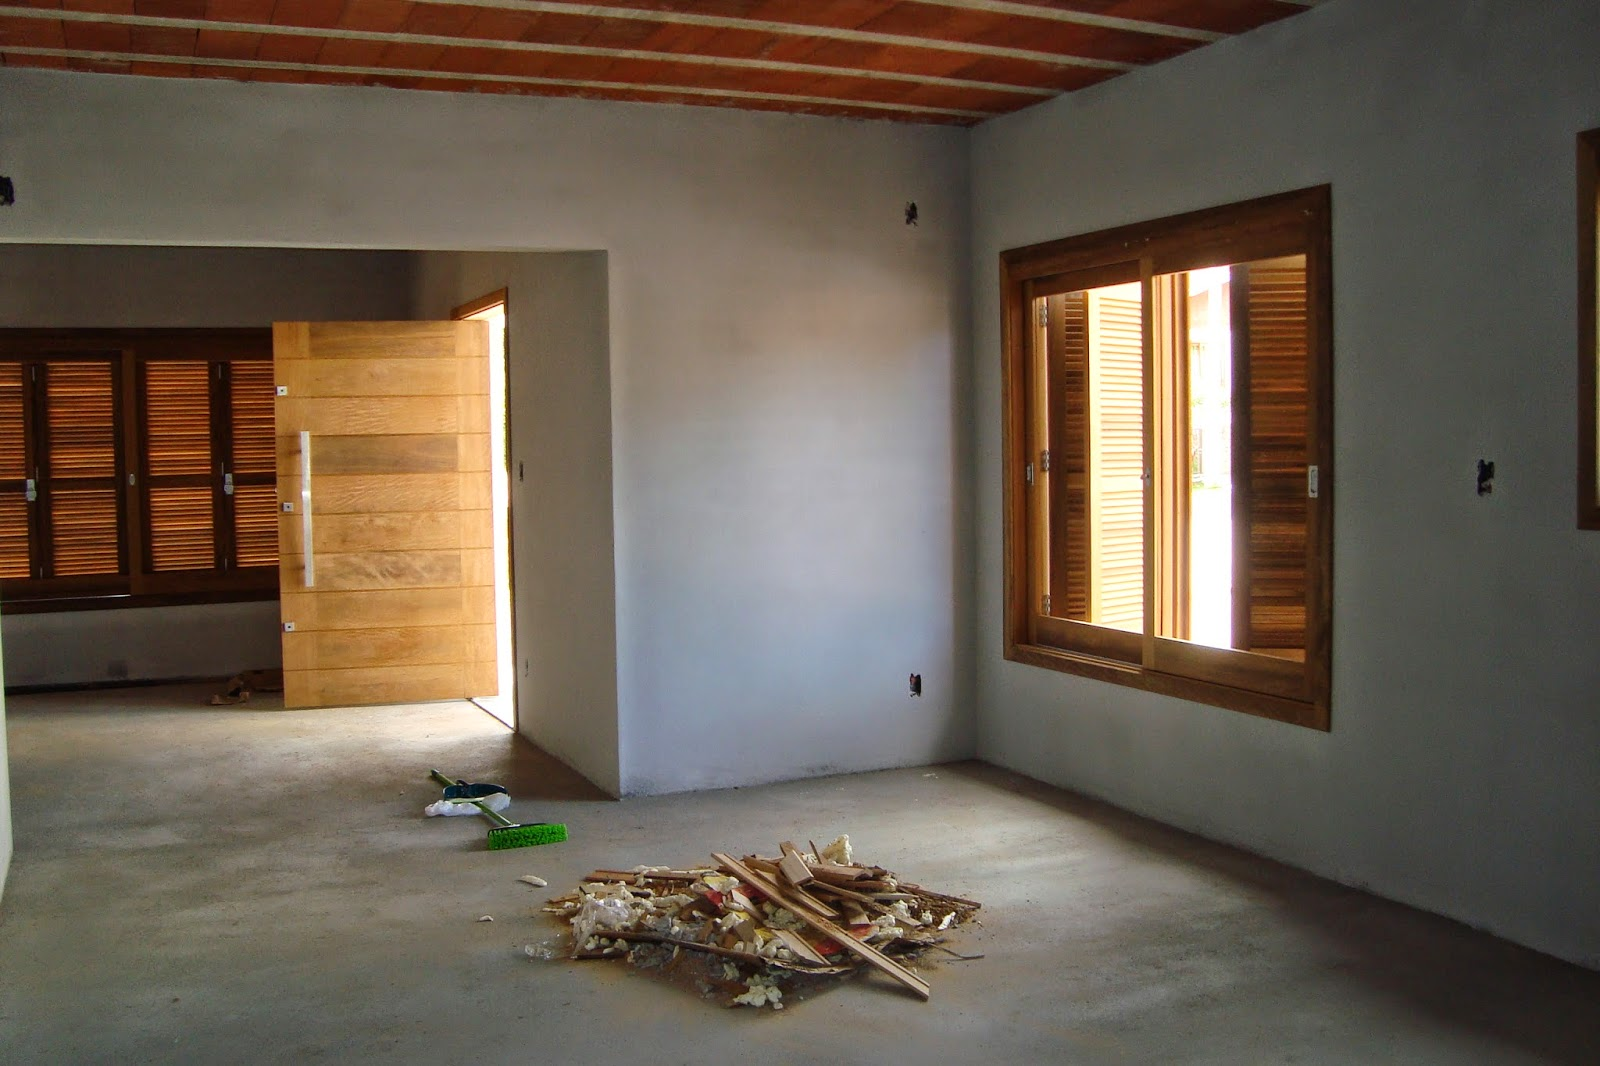 #9F6E2C Uma parte de cozinha e da sala la no fundo e muita sujeira 1600x1066 px Projetos De Casas Com Cozinha Nos Fundos #187 imagens